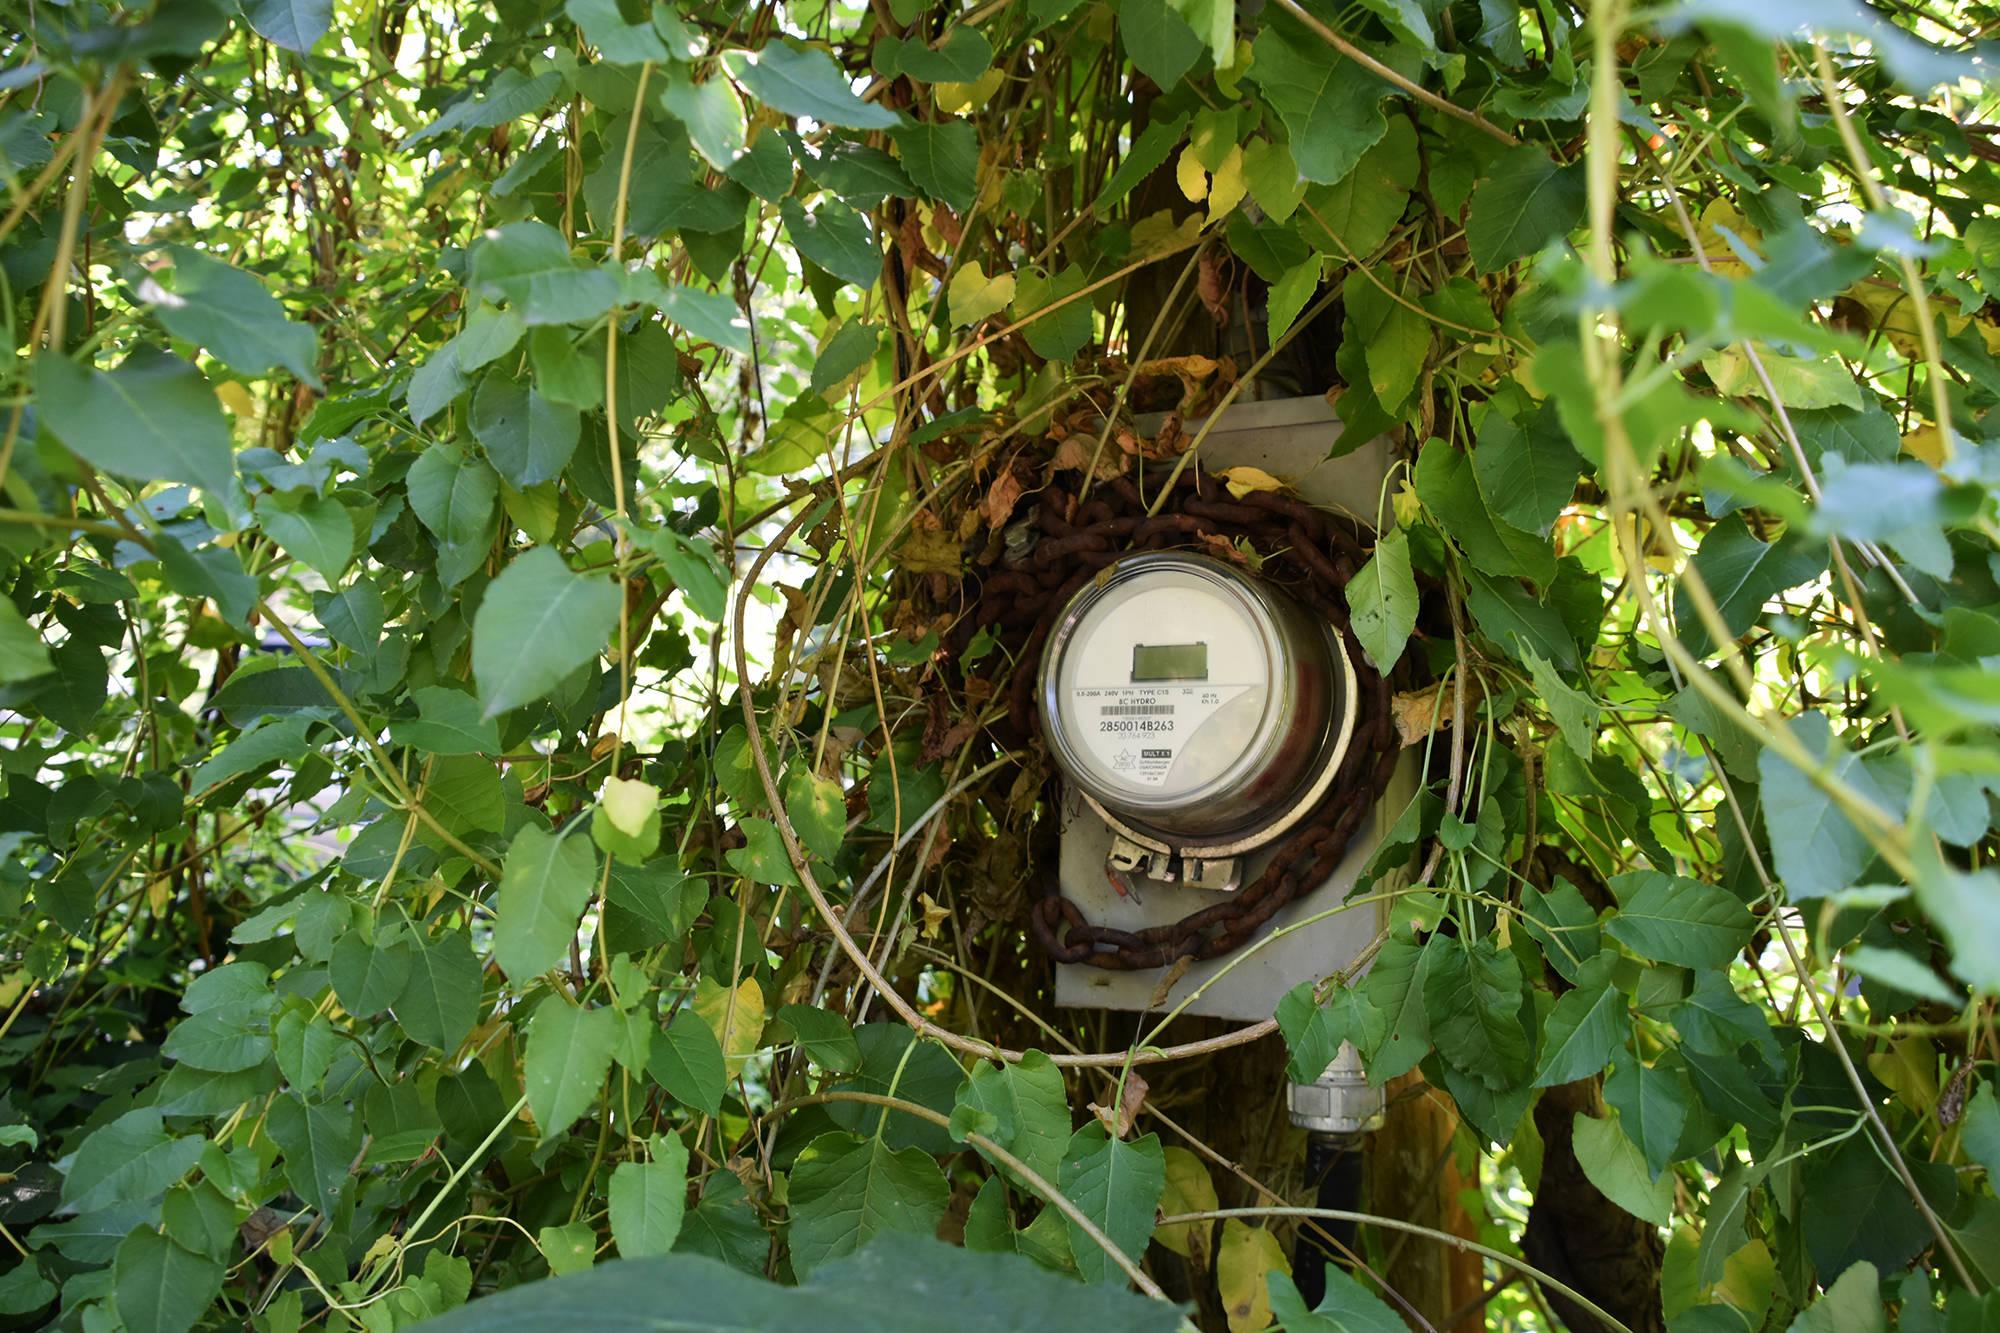 South Surrey man allows smart meter installation 'under duress'